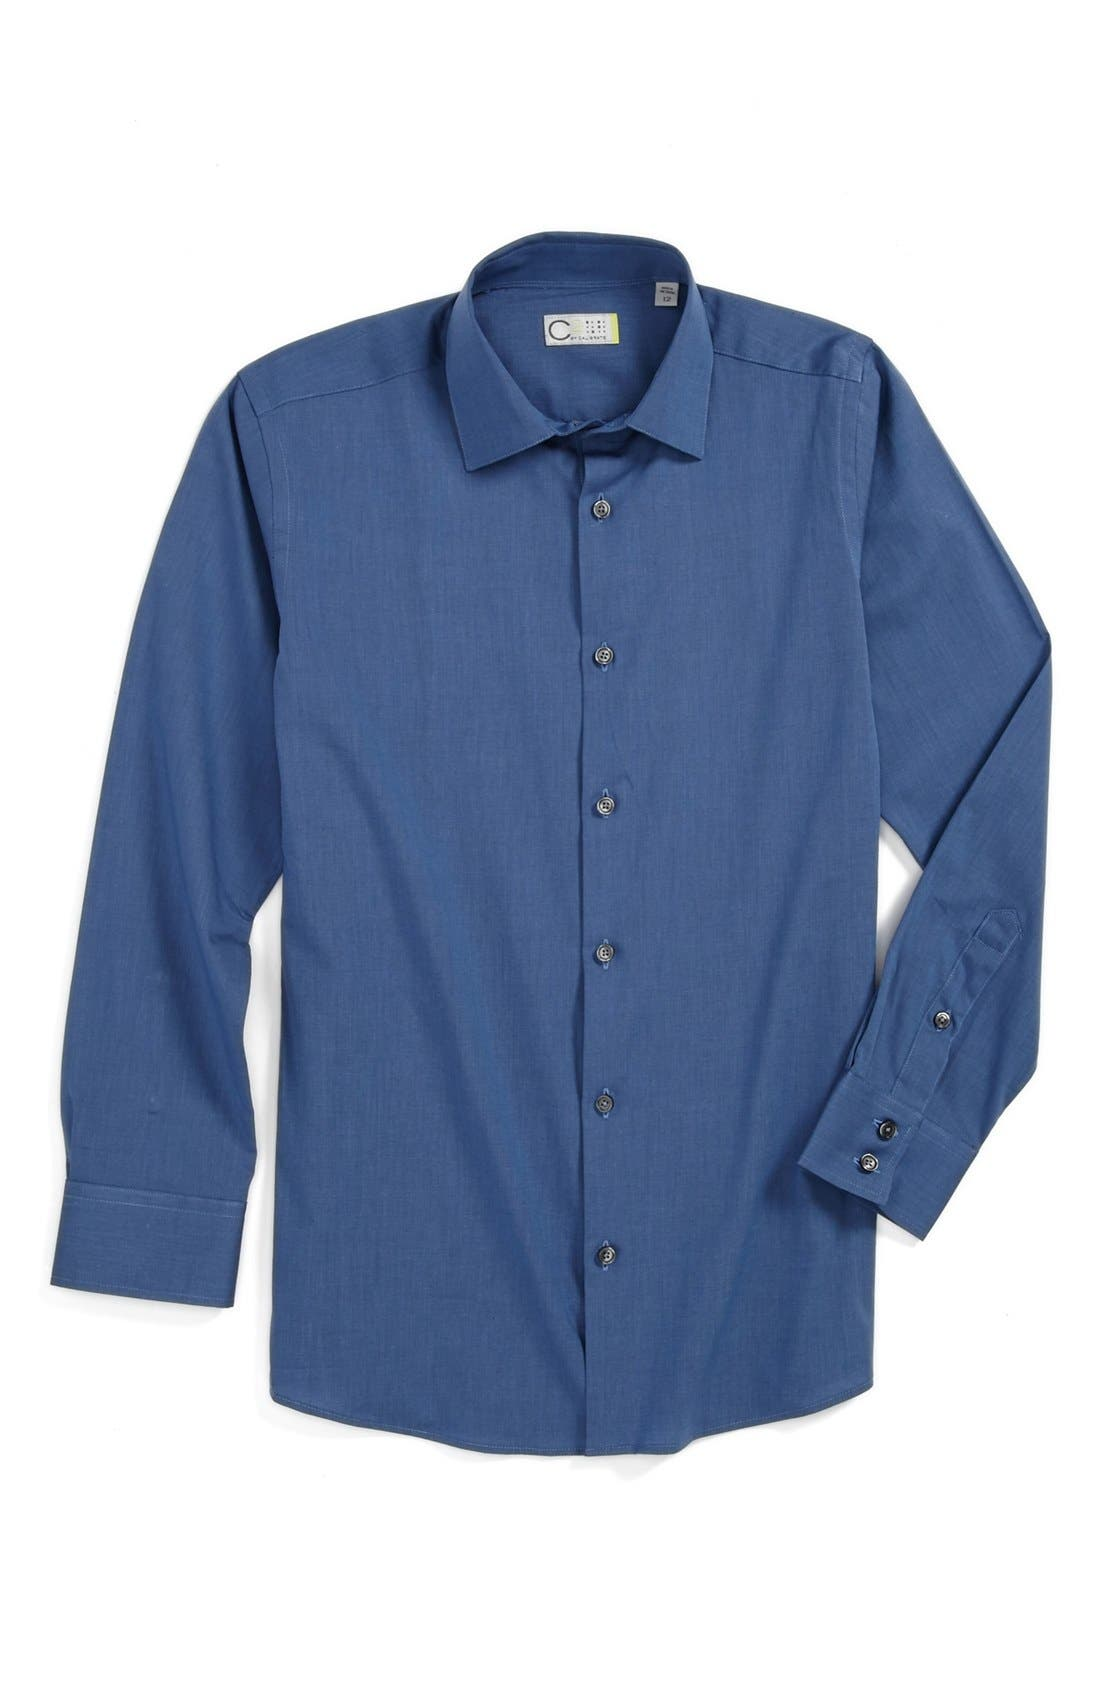 Main Image - C2 by Calibrate 'Carter' Dress Shirt (Big Boys)